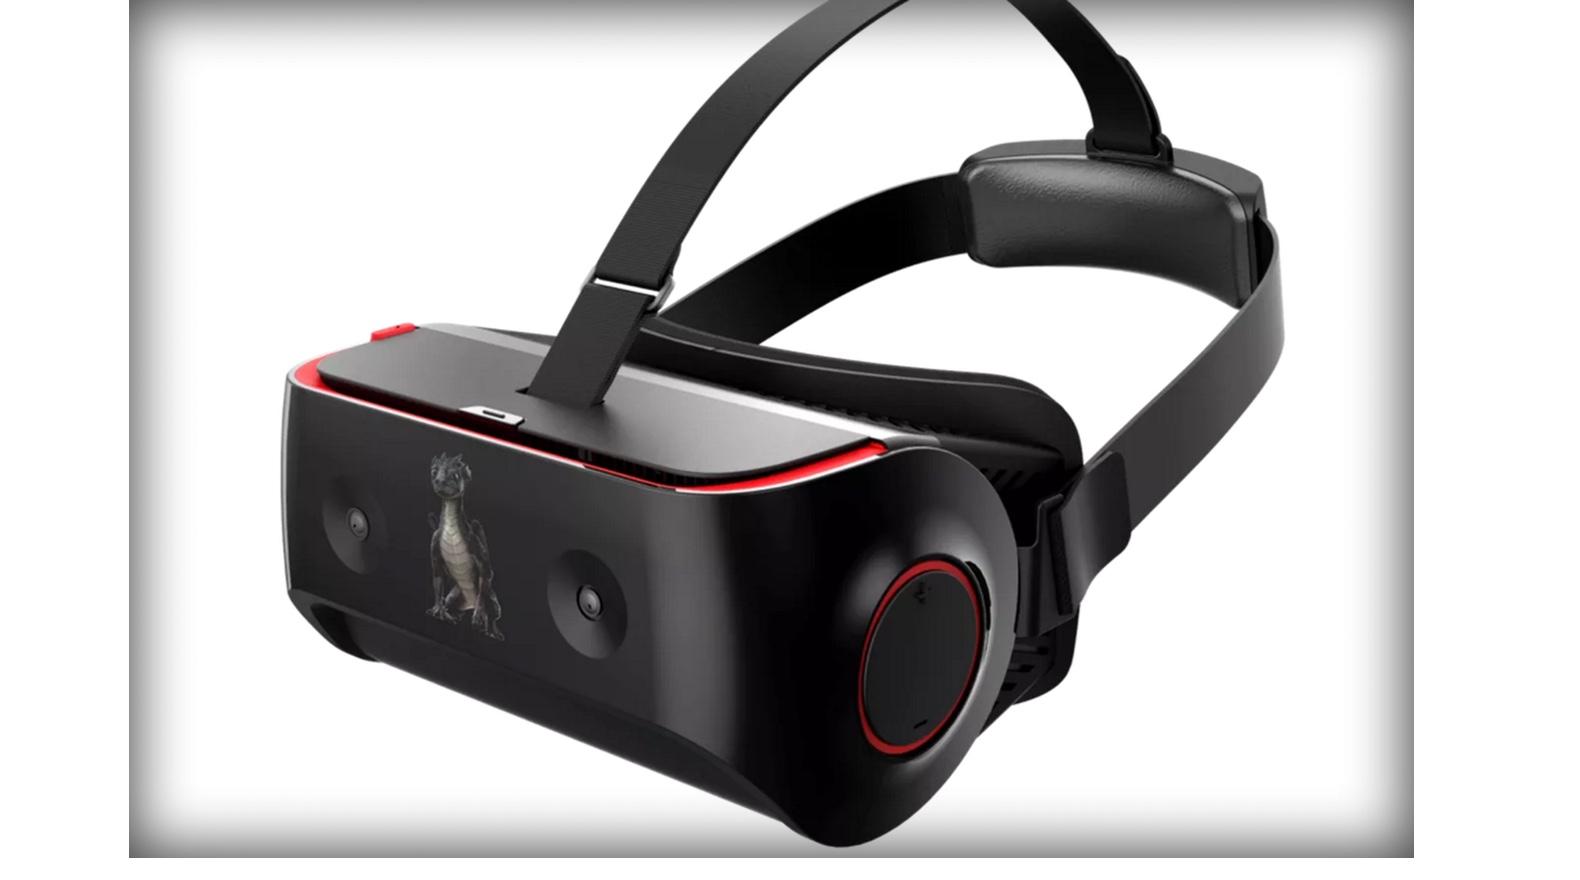 Qualcomm laat VR-bril zien die als basis dient voor andere fabrikanten